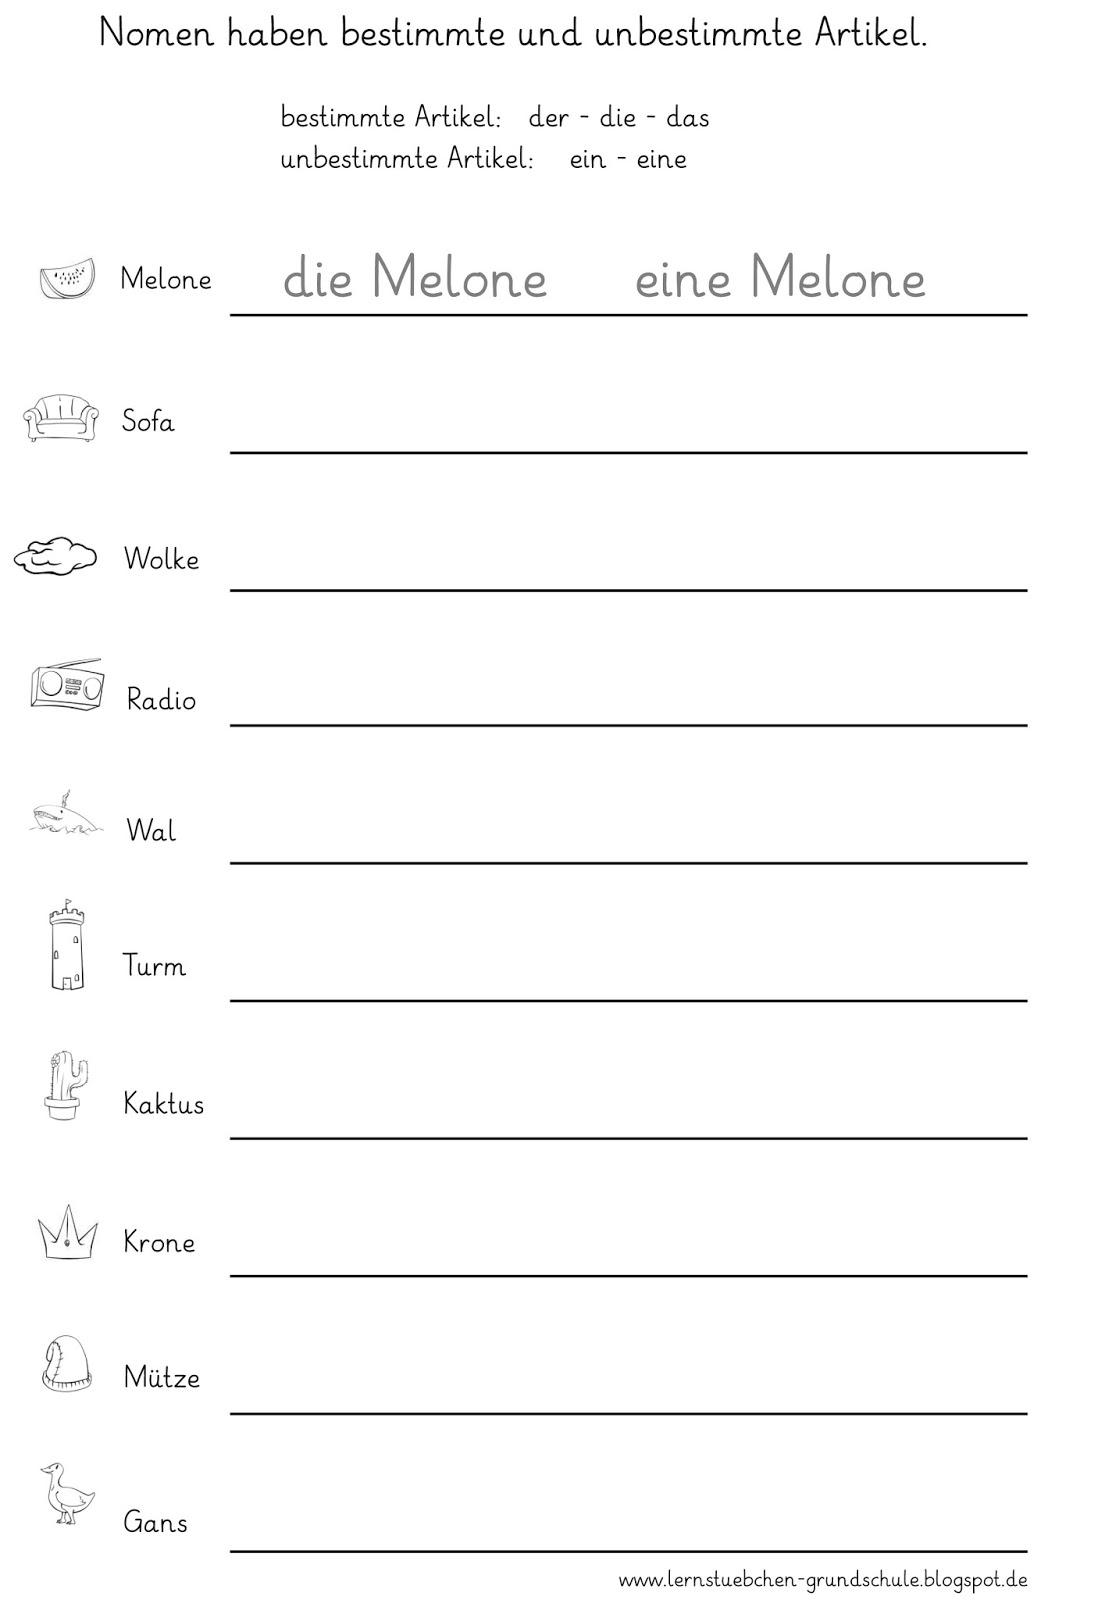 Nomen Begleiter Arbeitsblatt : Lernstübchen nomen und ihre bestimmten unbestimmten